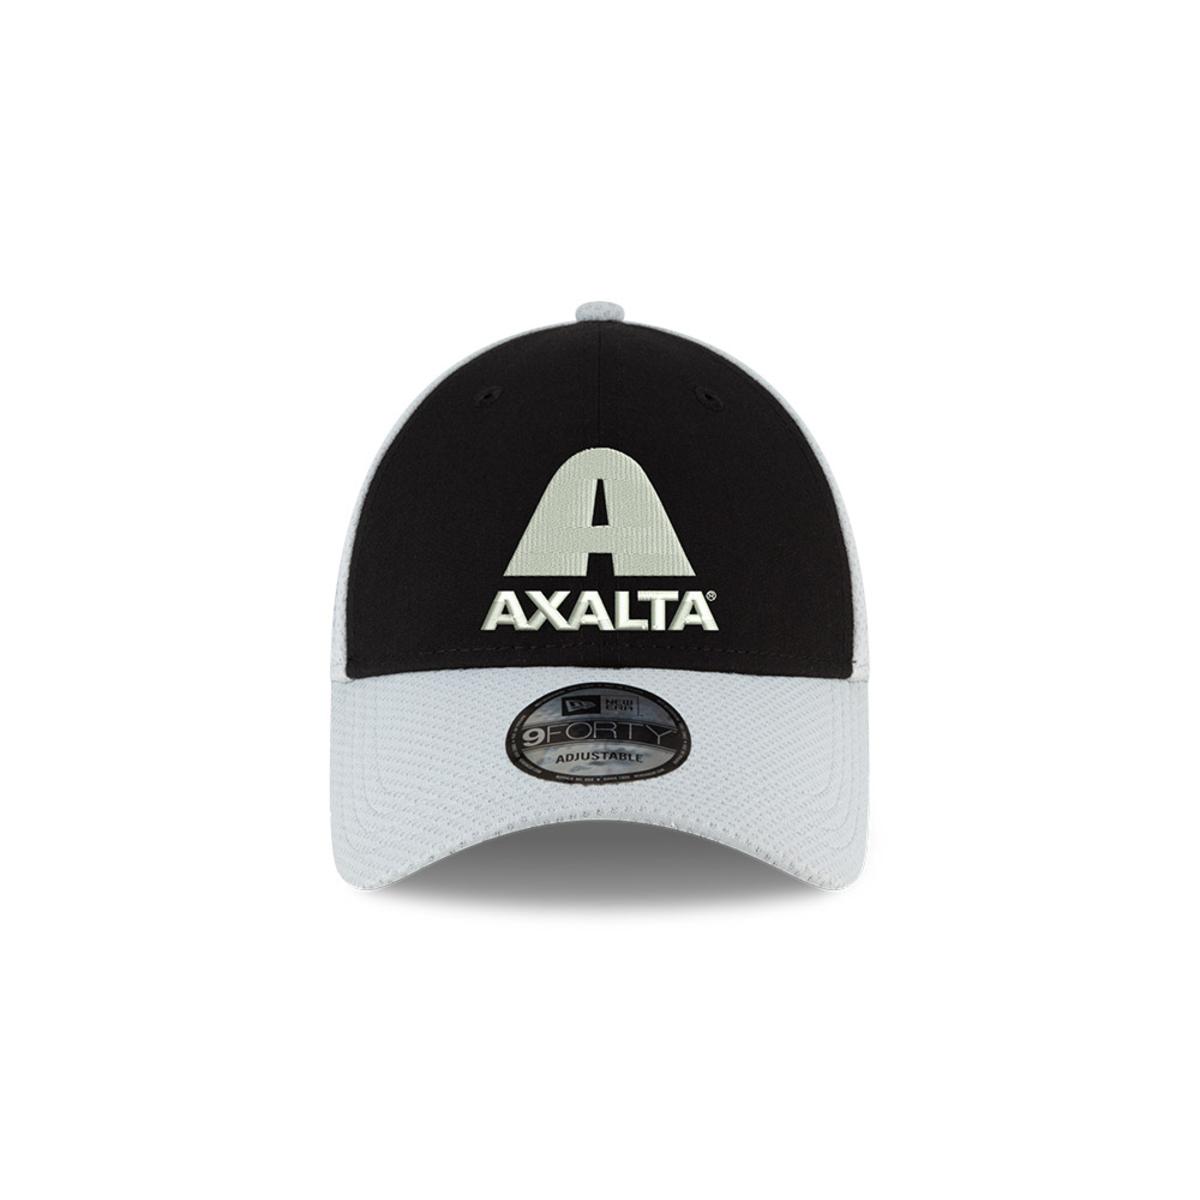 BYRON 2020 PLAYOFFS AXALTA NASCAR CUP HAT